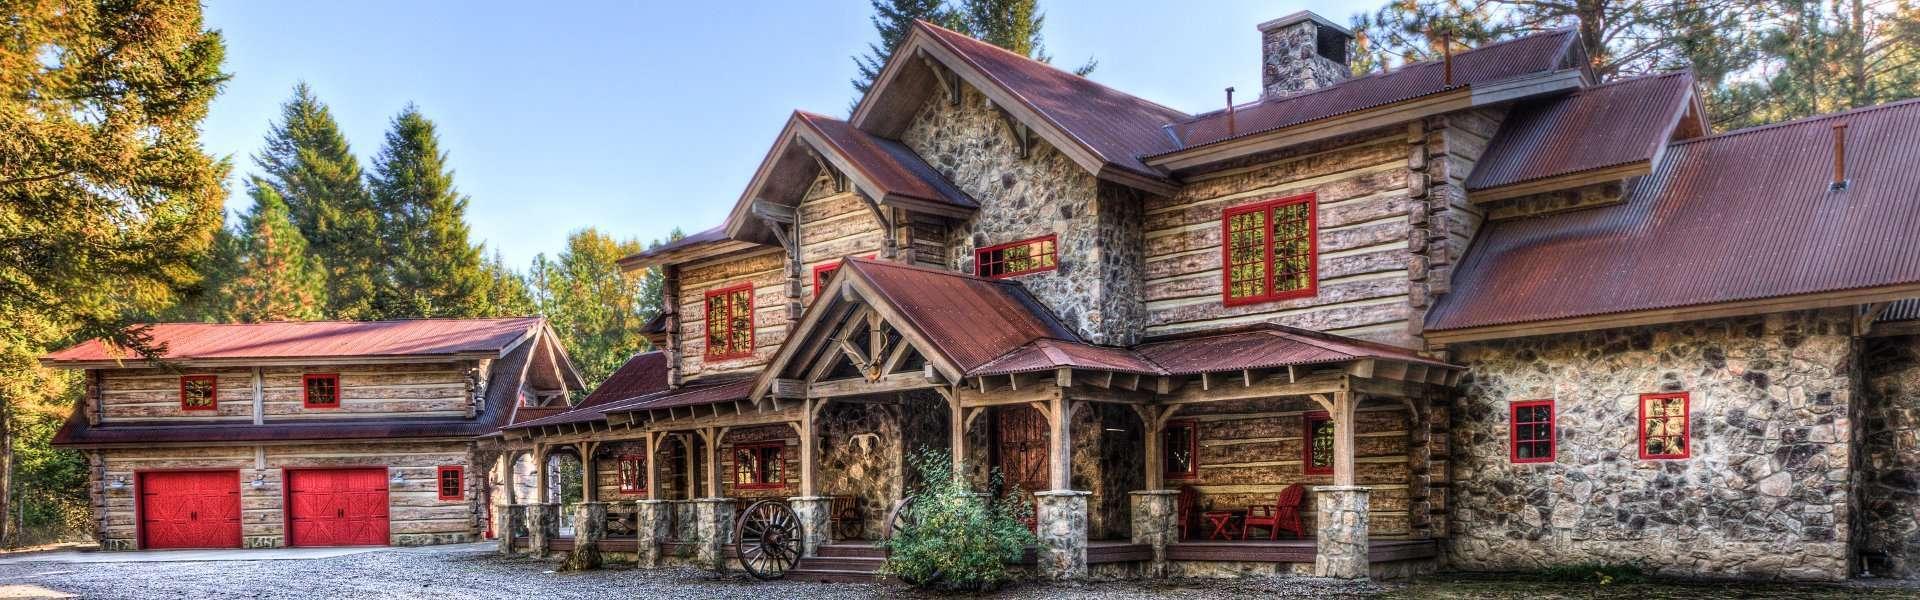 Everlog Systems Concrete Log Homes Concrete Log Siding